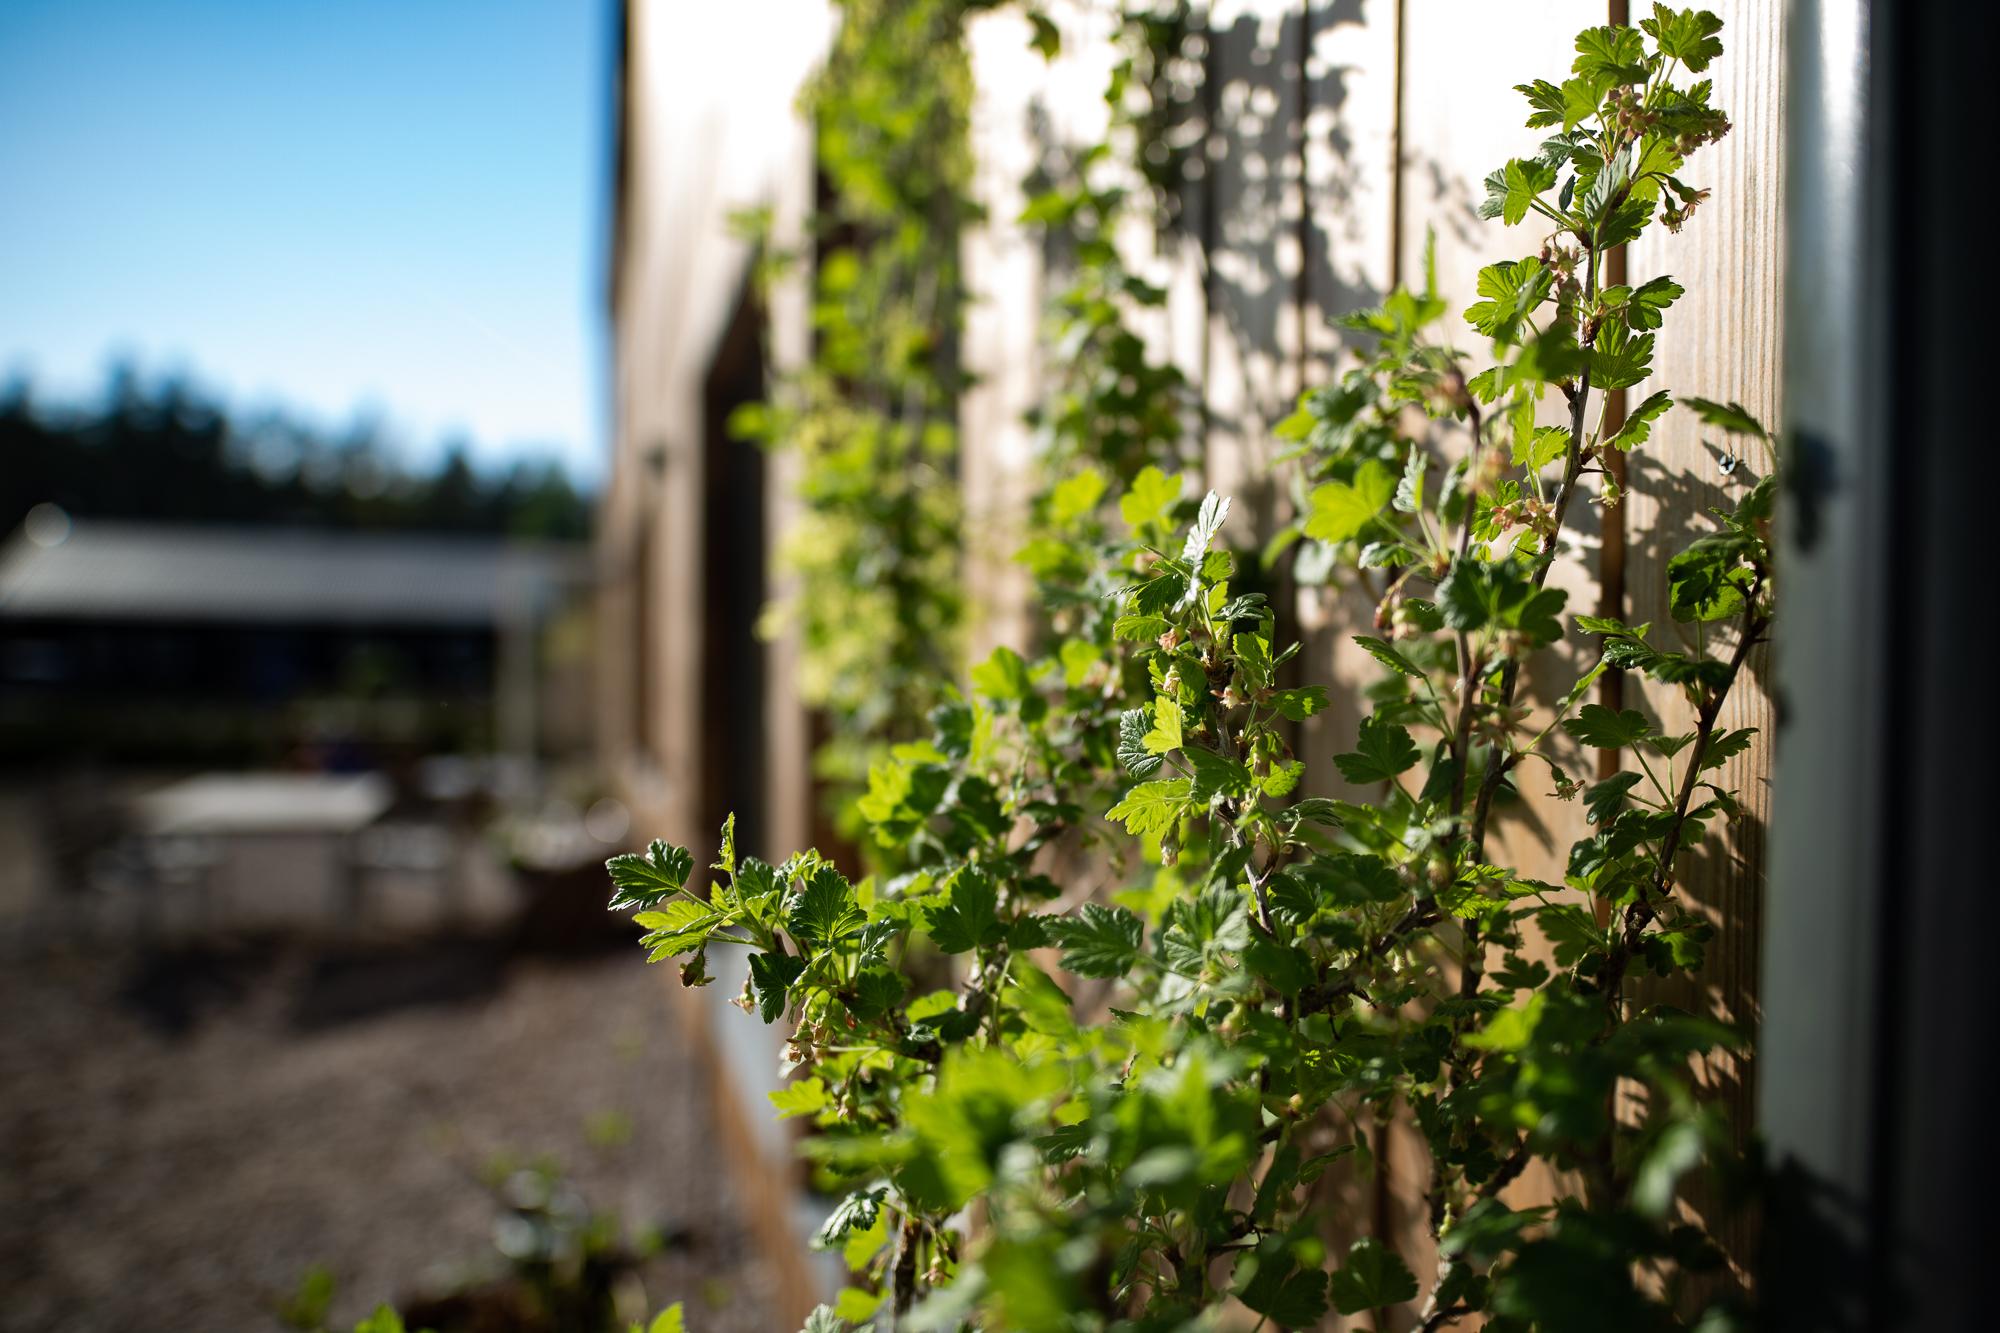 Vi har köpt lite blommor, träd och buskar som ska ner i jorden, men vi ska höra med en trädgårdsmästare innan vi bestämmer var allt ska sättas nu när man ser hur tomten ser ut när den torkat efter vinter och vår.